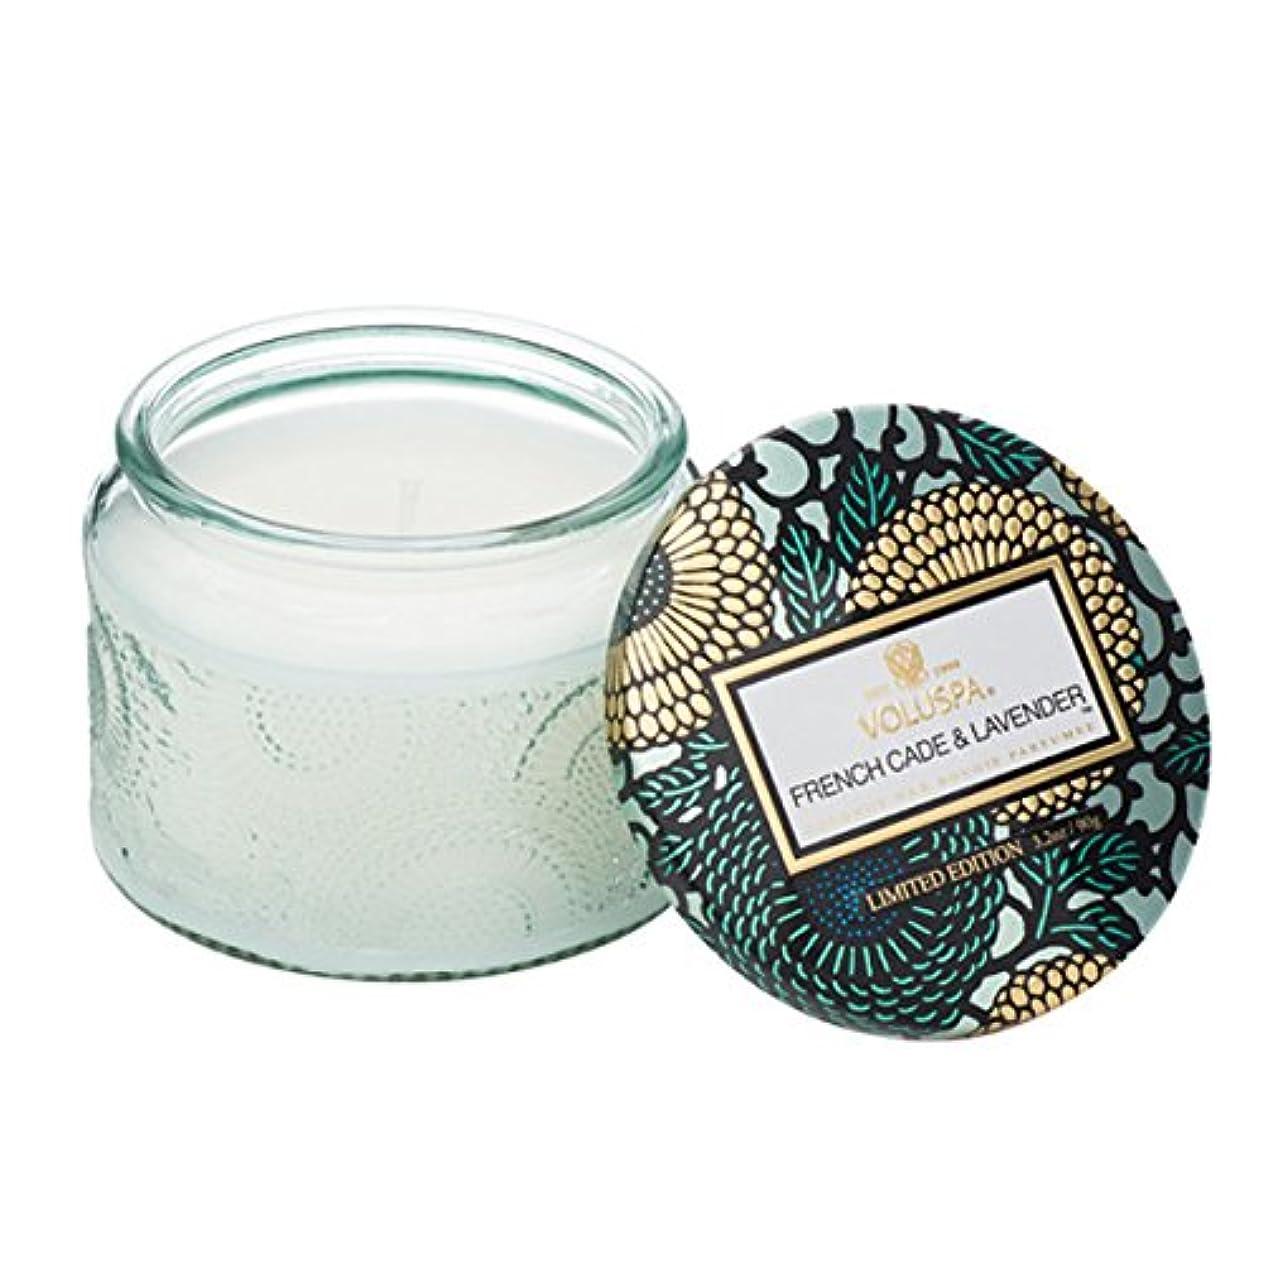 ボリューム結果エンディングVoluspa ボルスパ ジャポニカ リミテッド グラスジャーキャンドル  S フレンチケード&ラベンダー FRENCH CADE LAVENDER  JAPONICA Limited PETITE EMBOSSED Glass jar candle